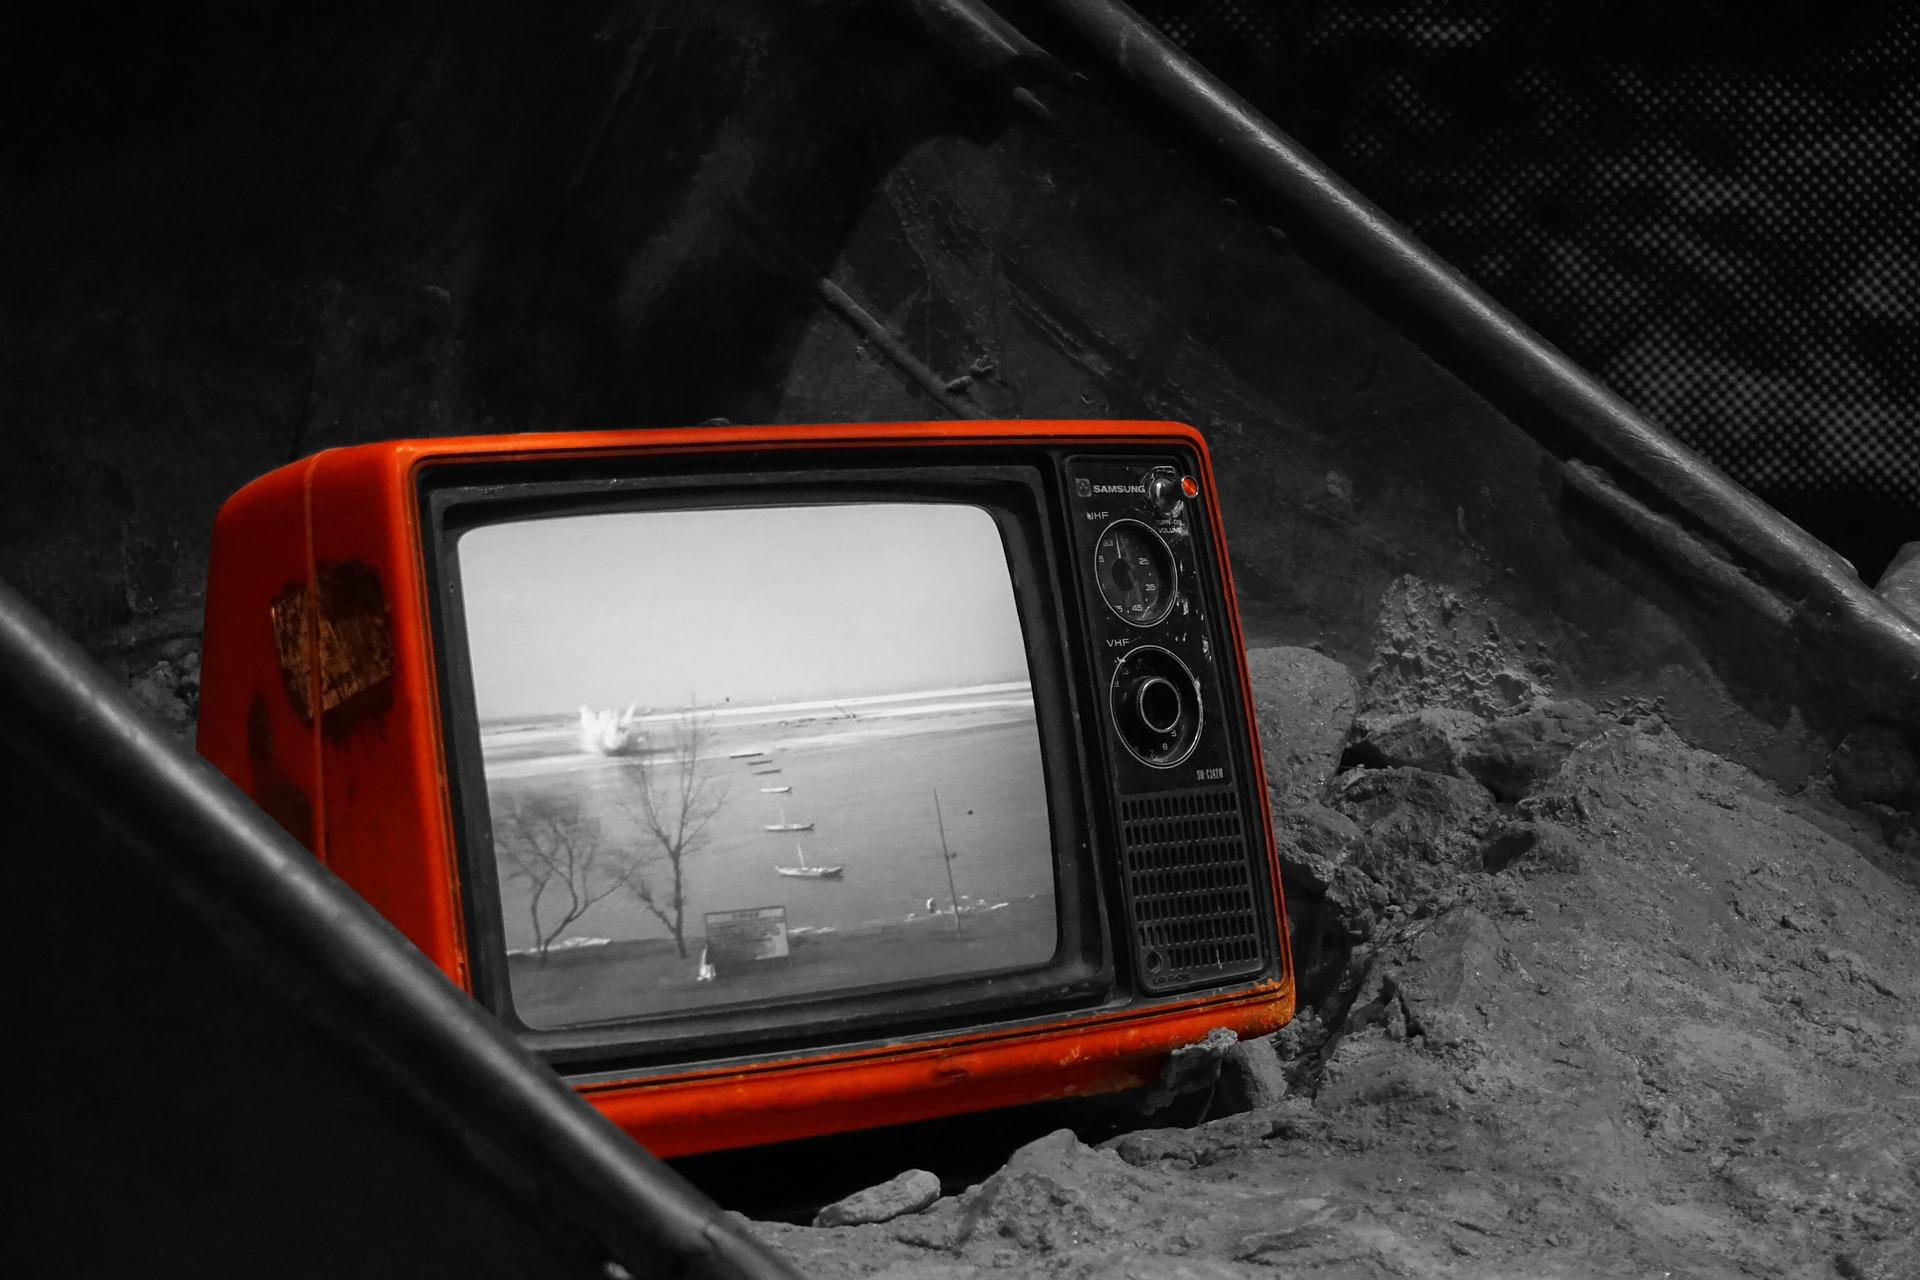 📺 Пятилетка для роста Pay TV: что нужно успеть сделать?